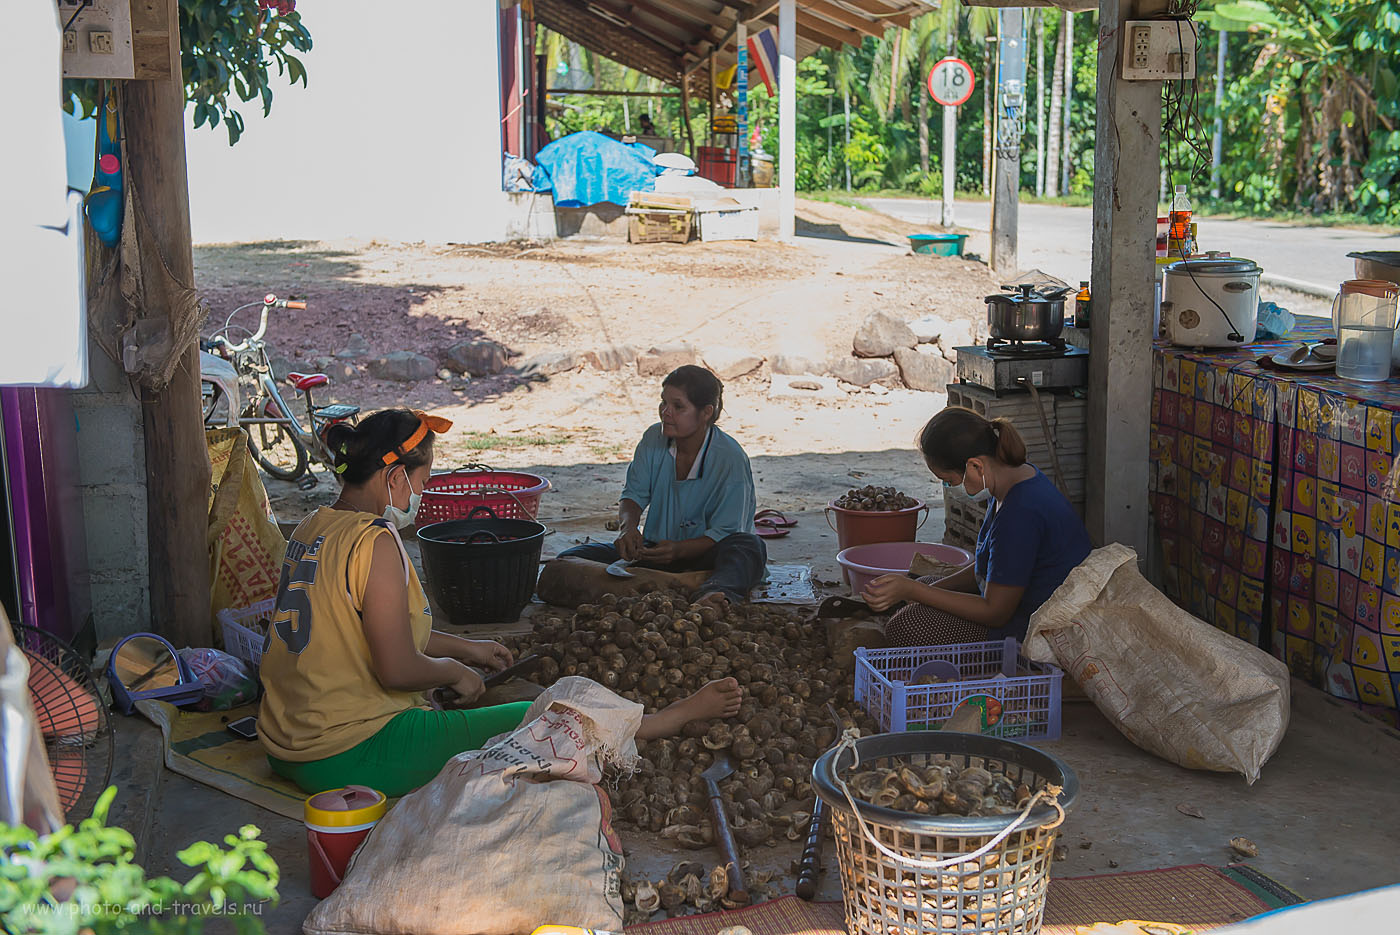 Фото 4. Поездка в город Ранонг в Таиланде. Рутина в тайской деревне (800, 48, 4.5, 1/500)